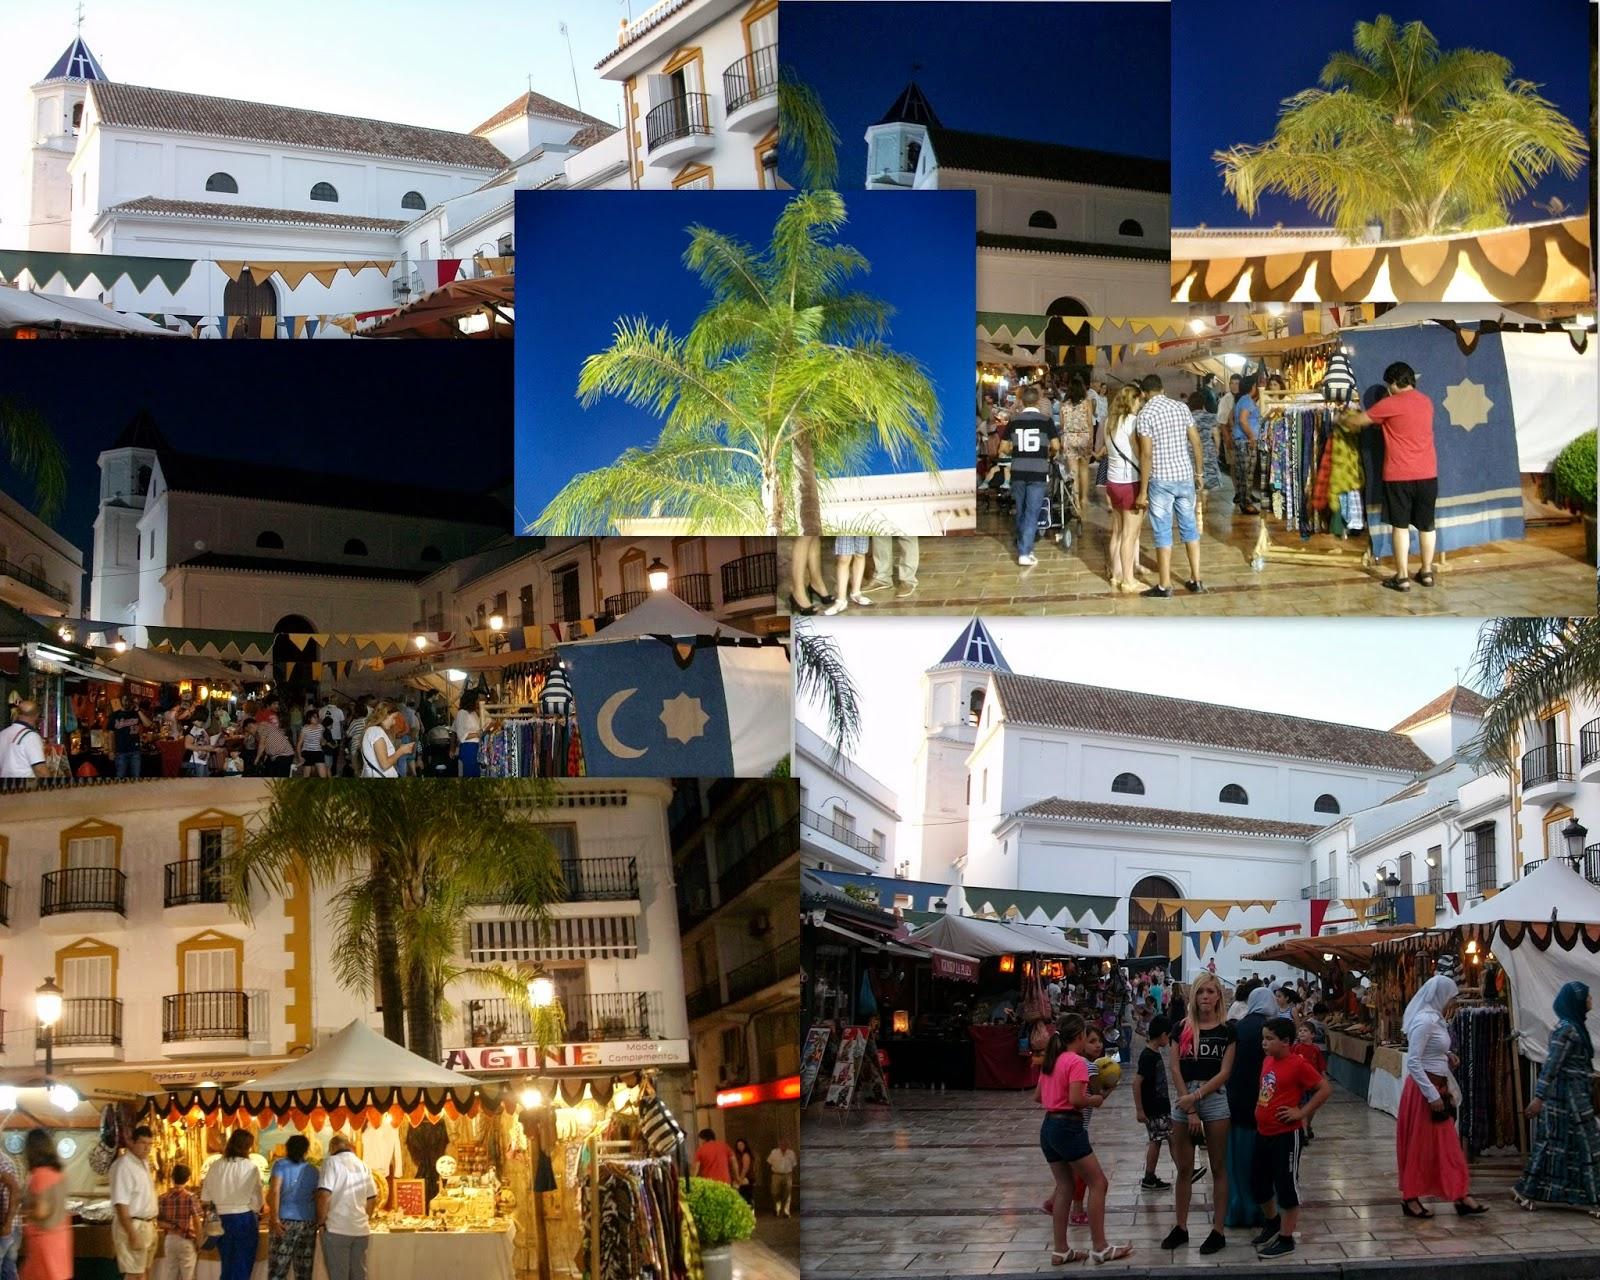 Mercado Medieval de Alhaurín el Grande